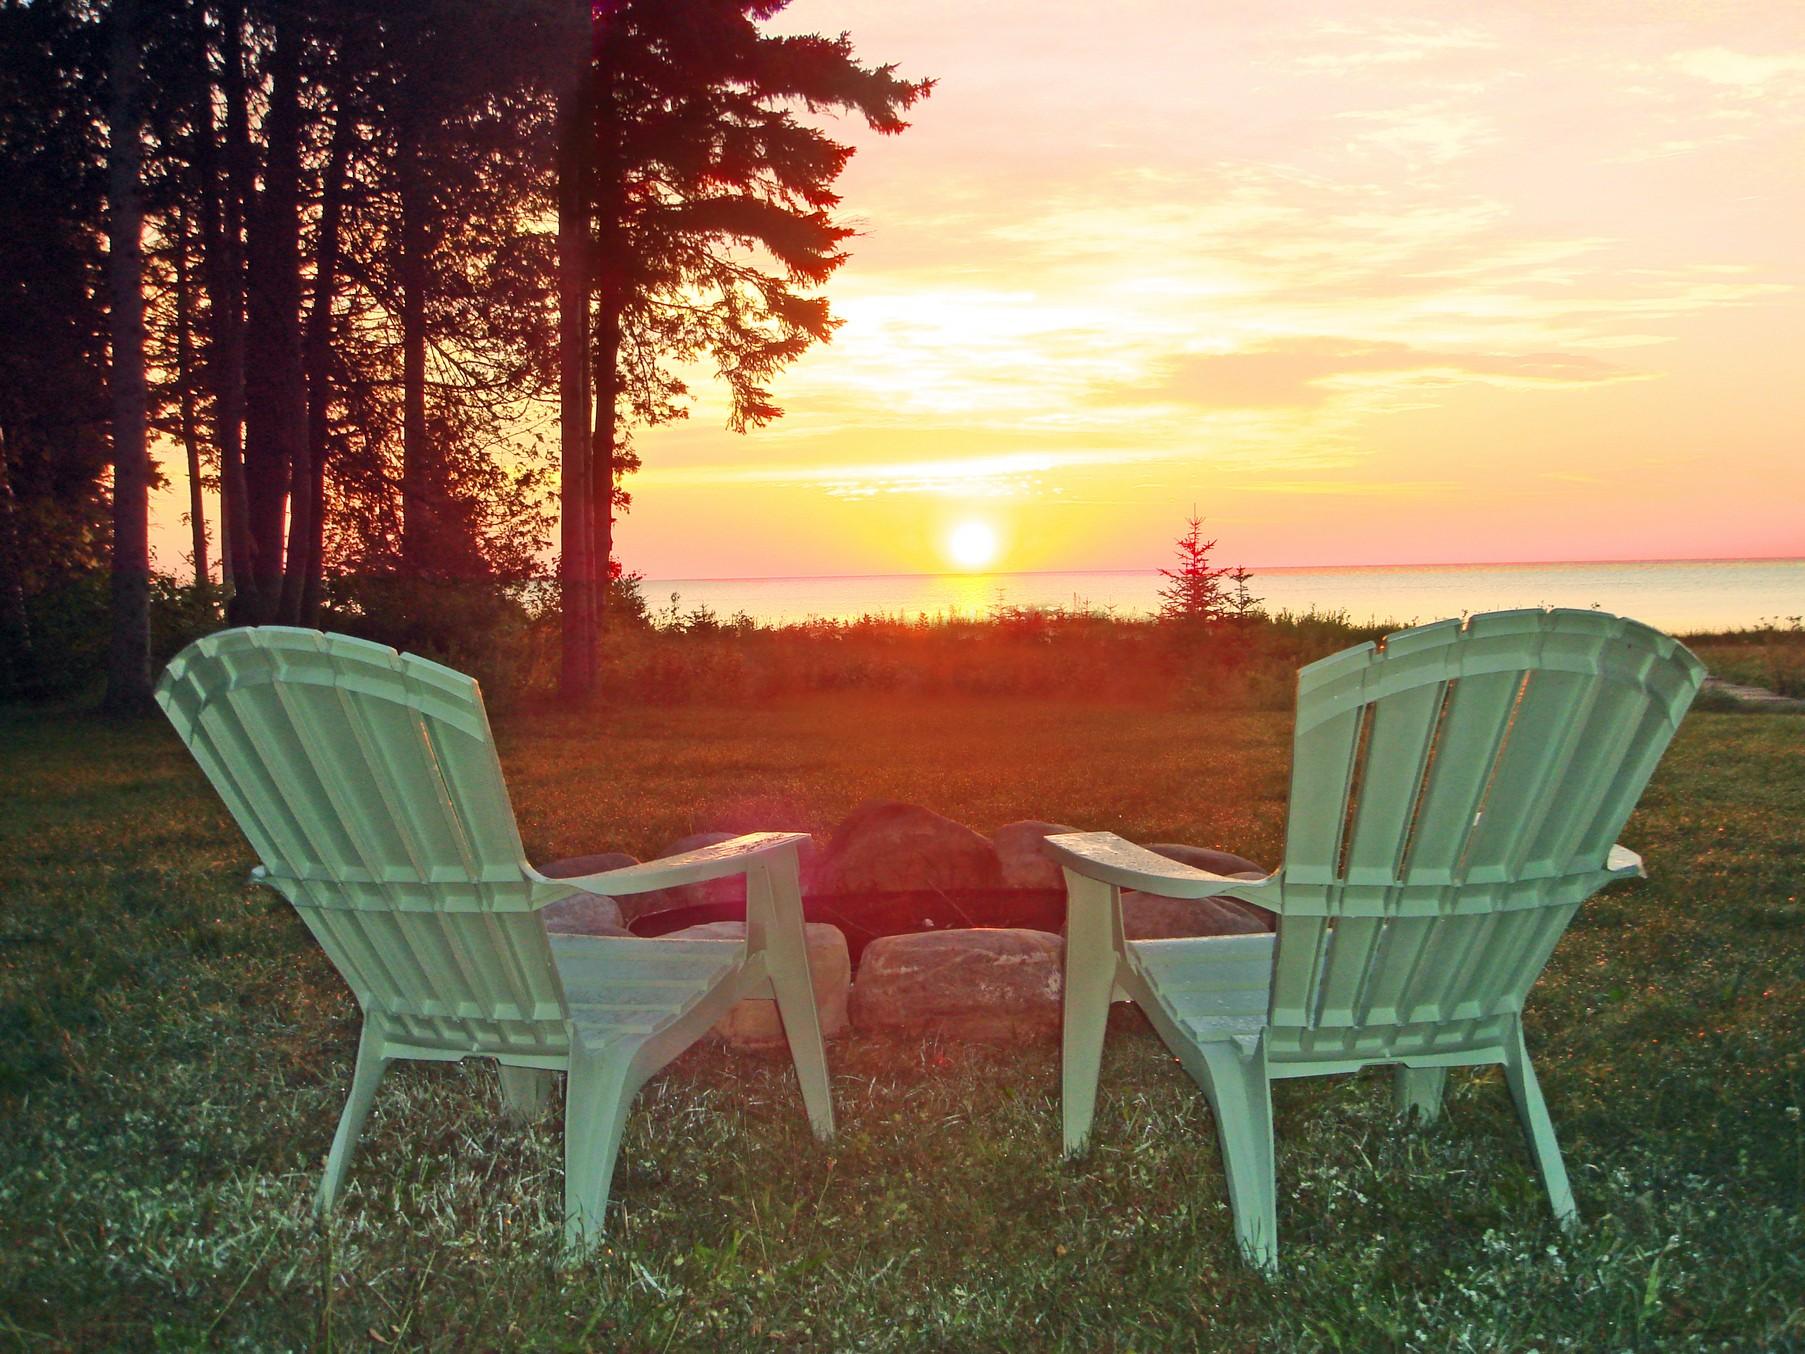 Terreno per Vendita alle ore 35568 Jewel Drive Beaver Island, Michigan, 49782 Stati Uniti